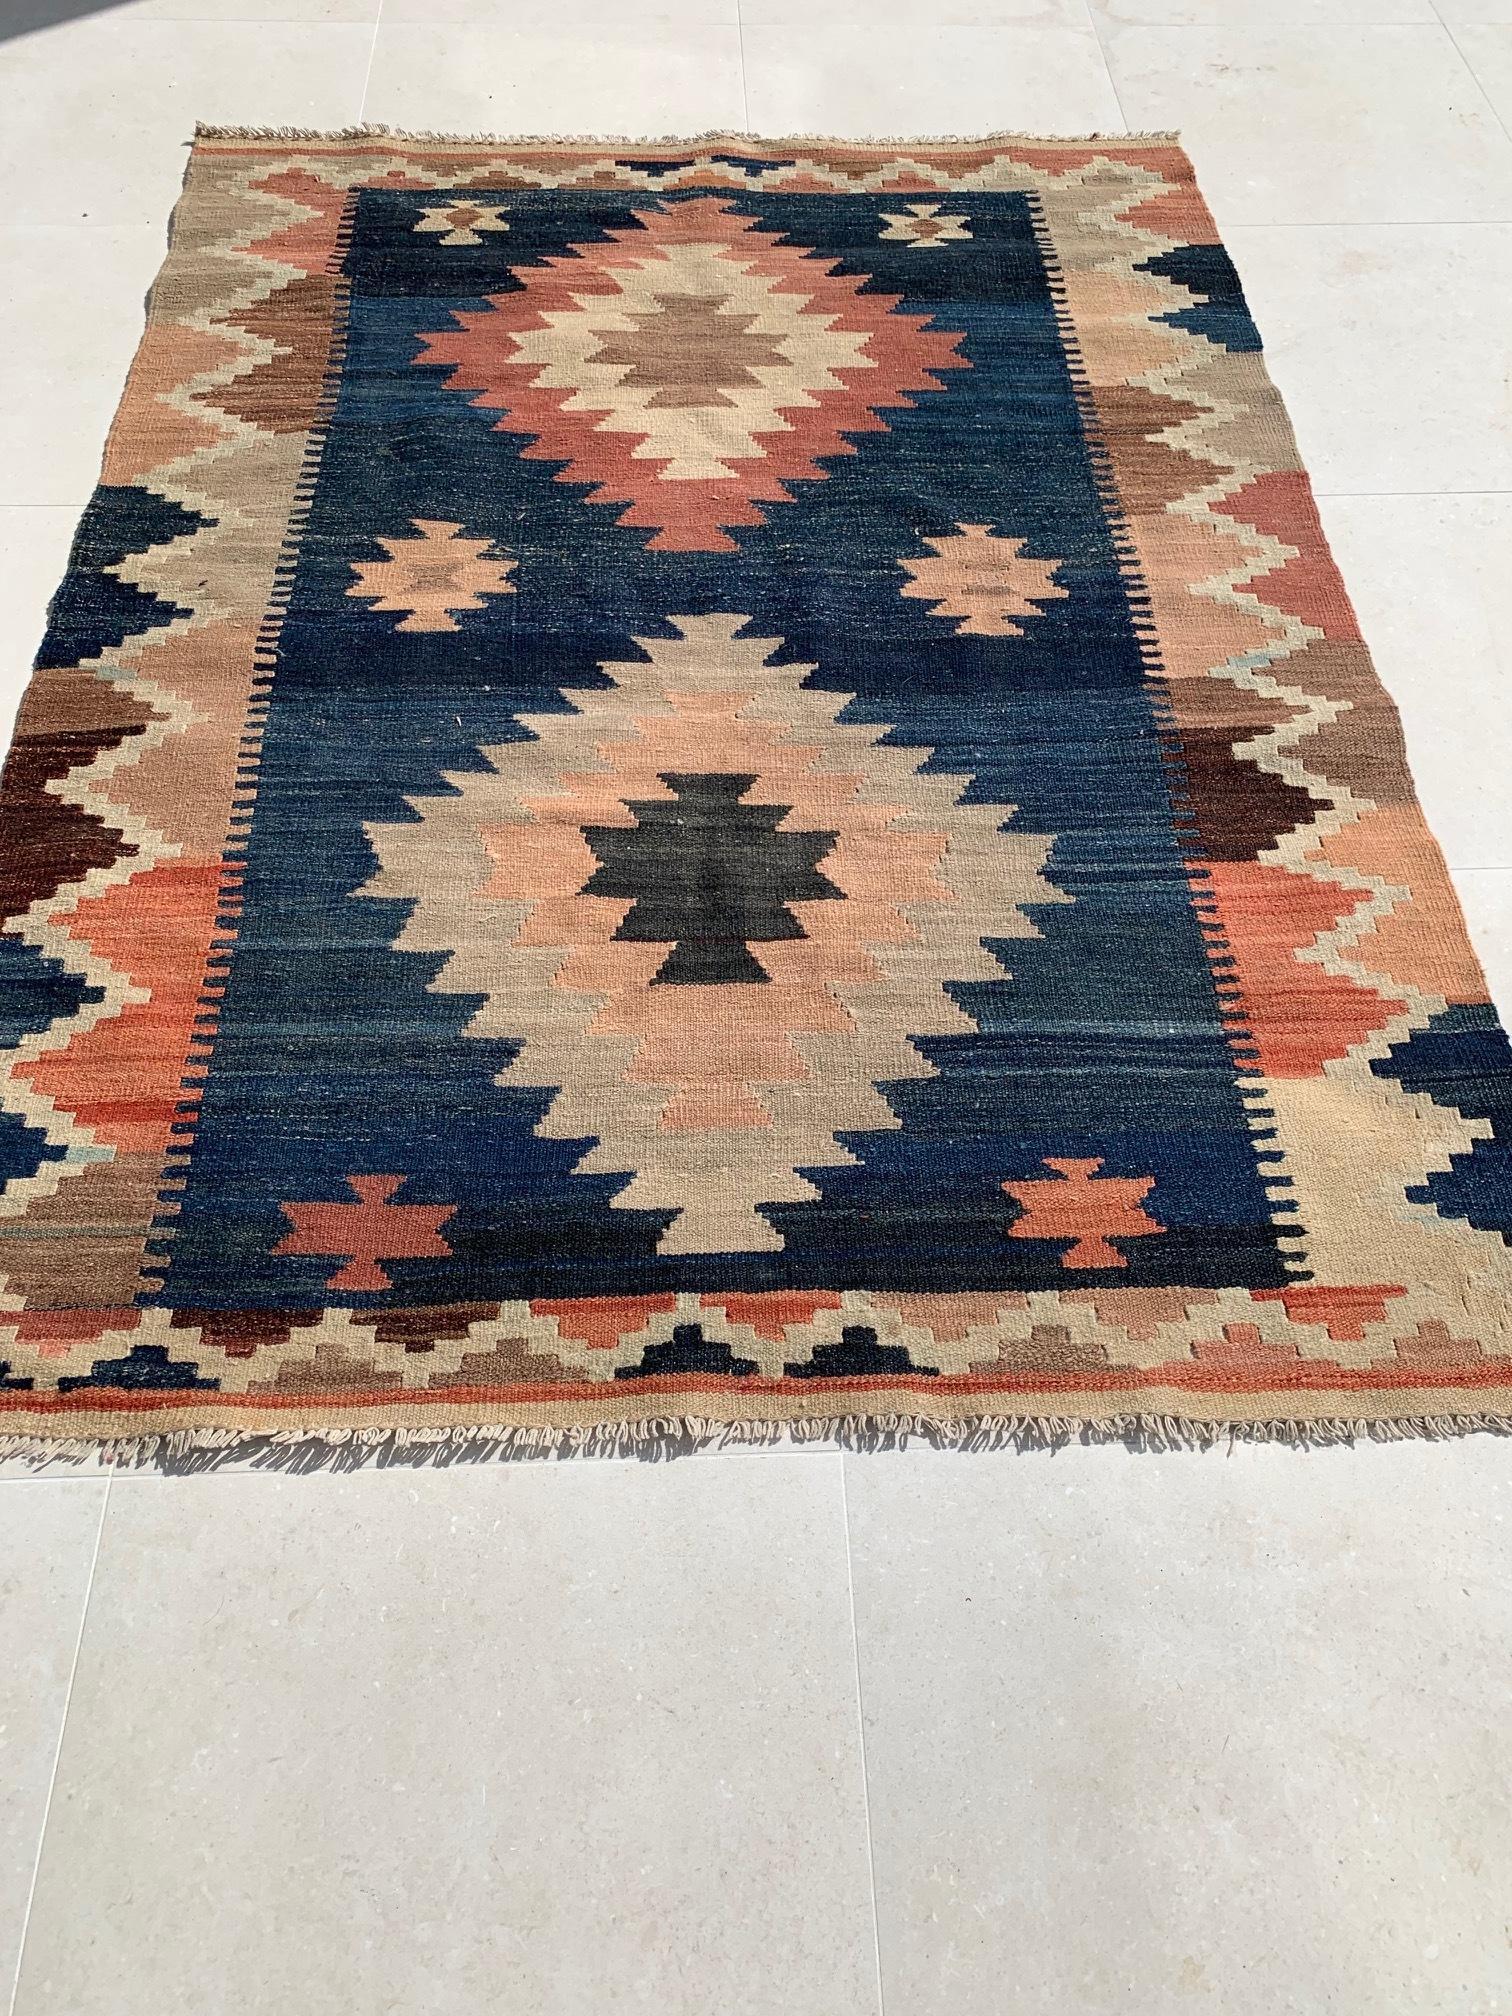 Indigo Aztec Rug $50 each. Qty 1